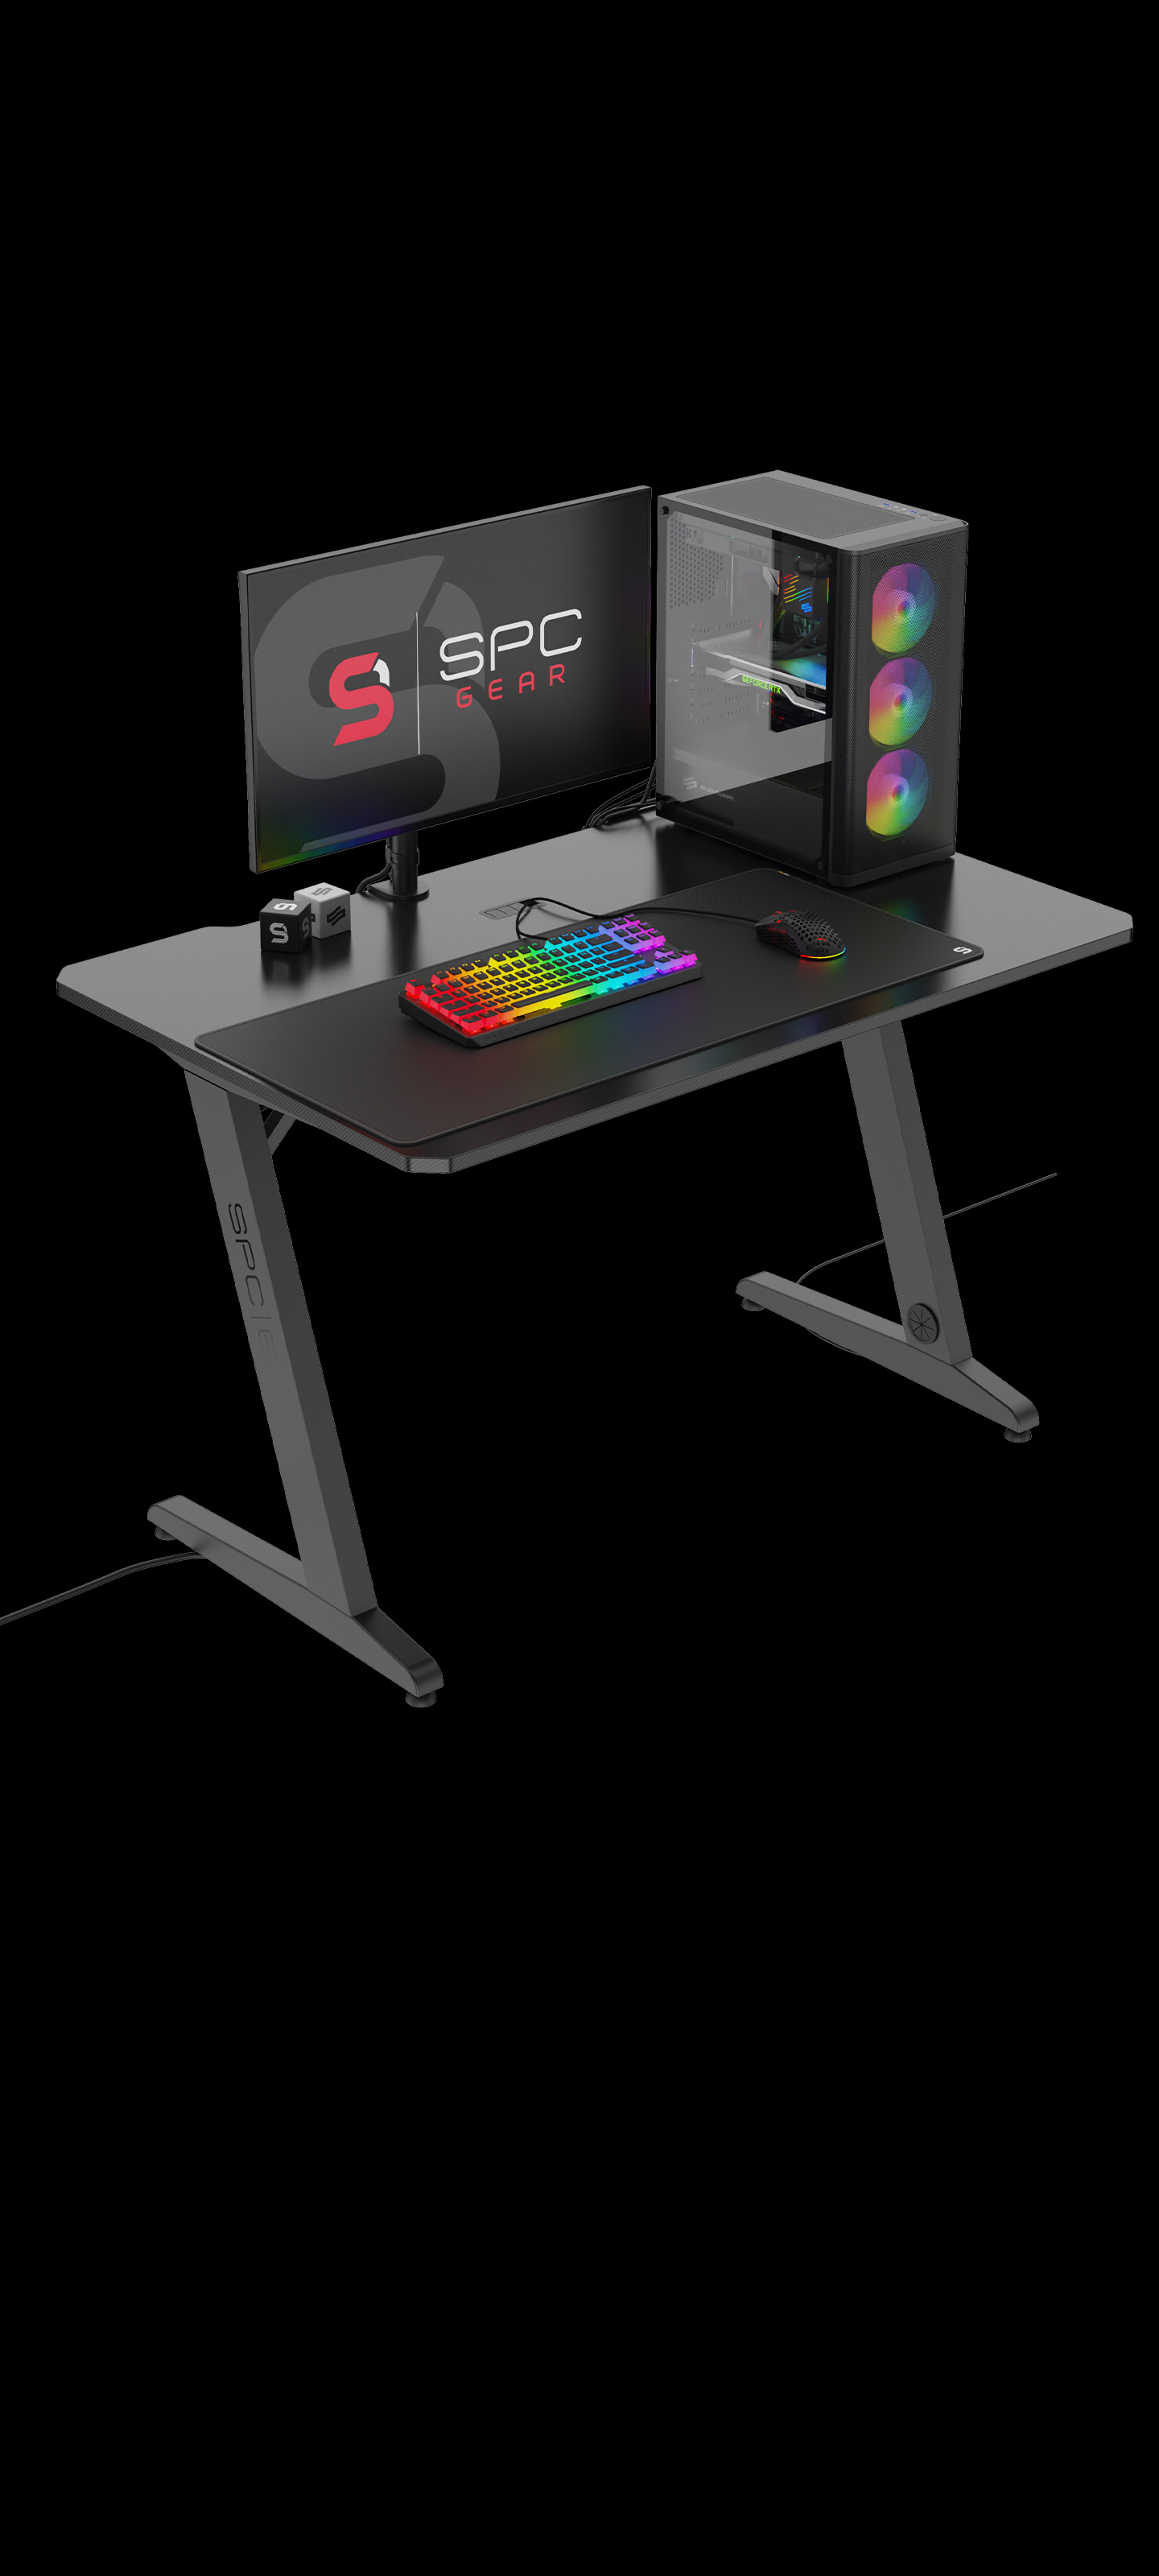 Biurko dla gracza SPC Gear GD100